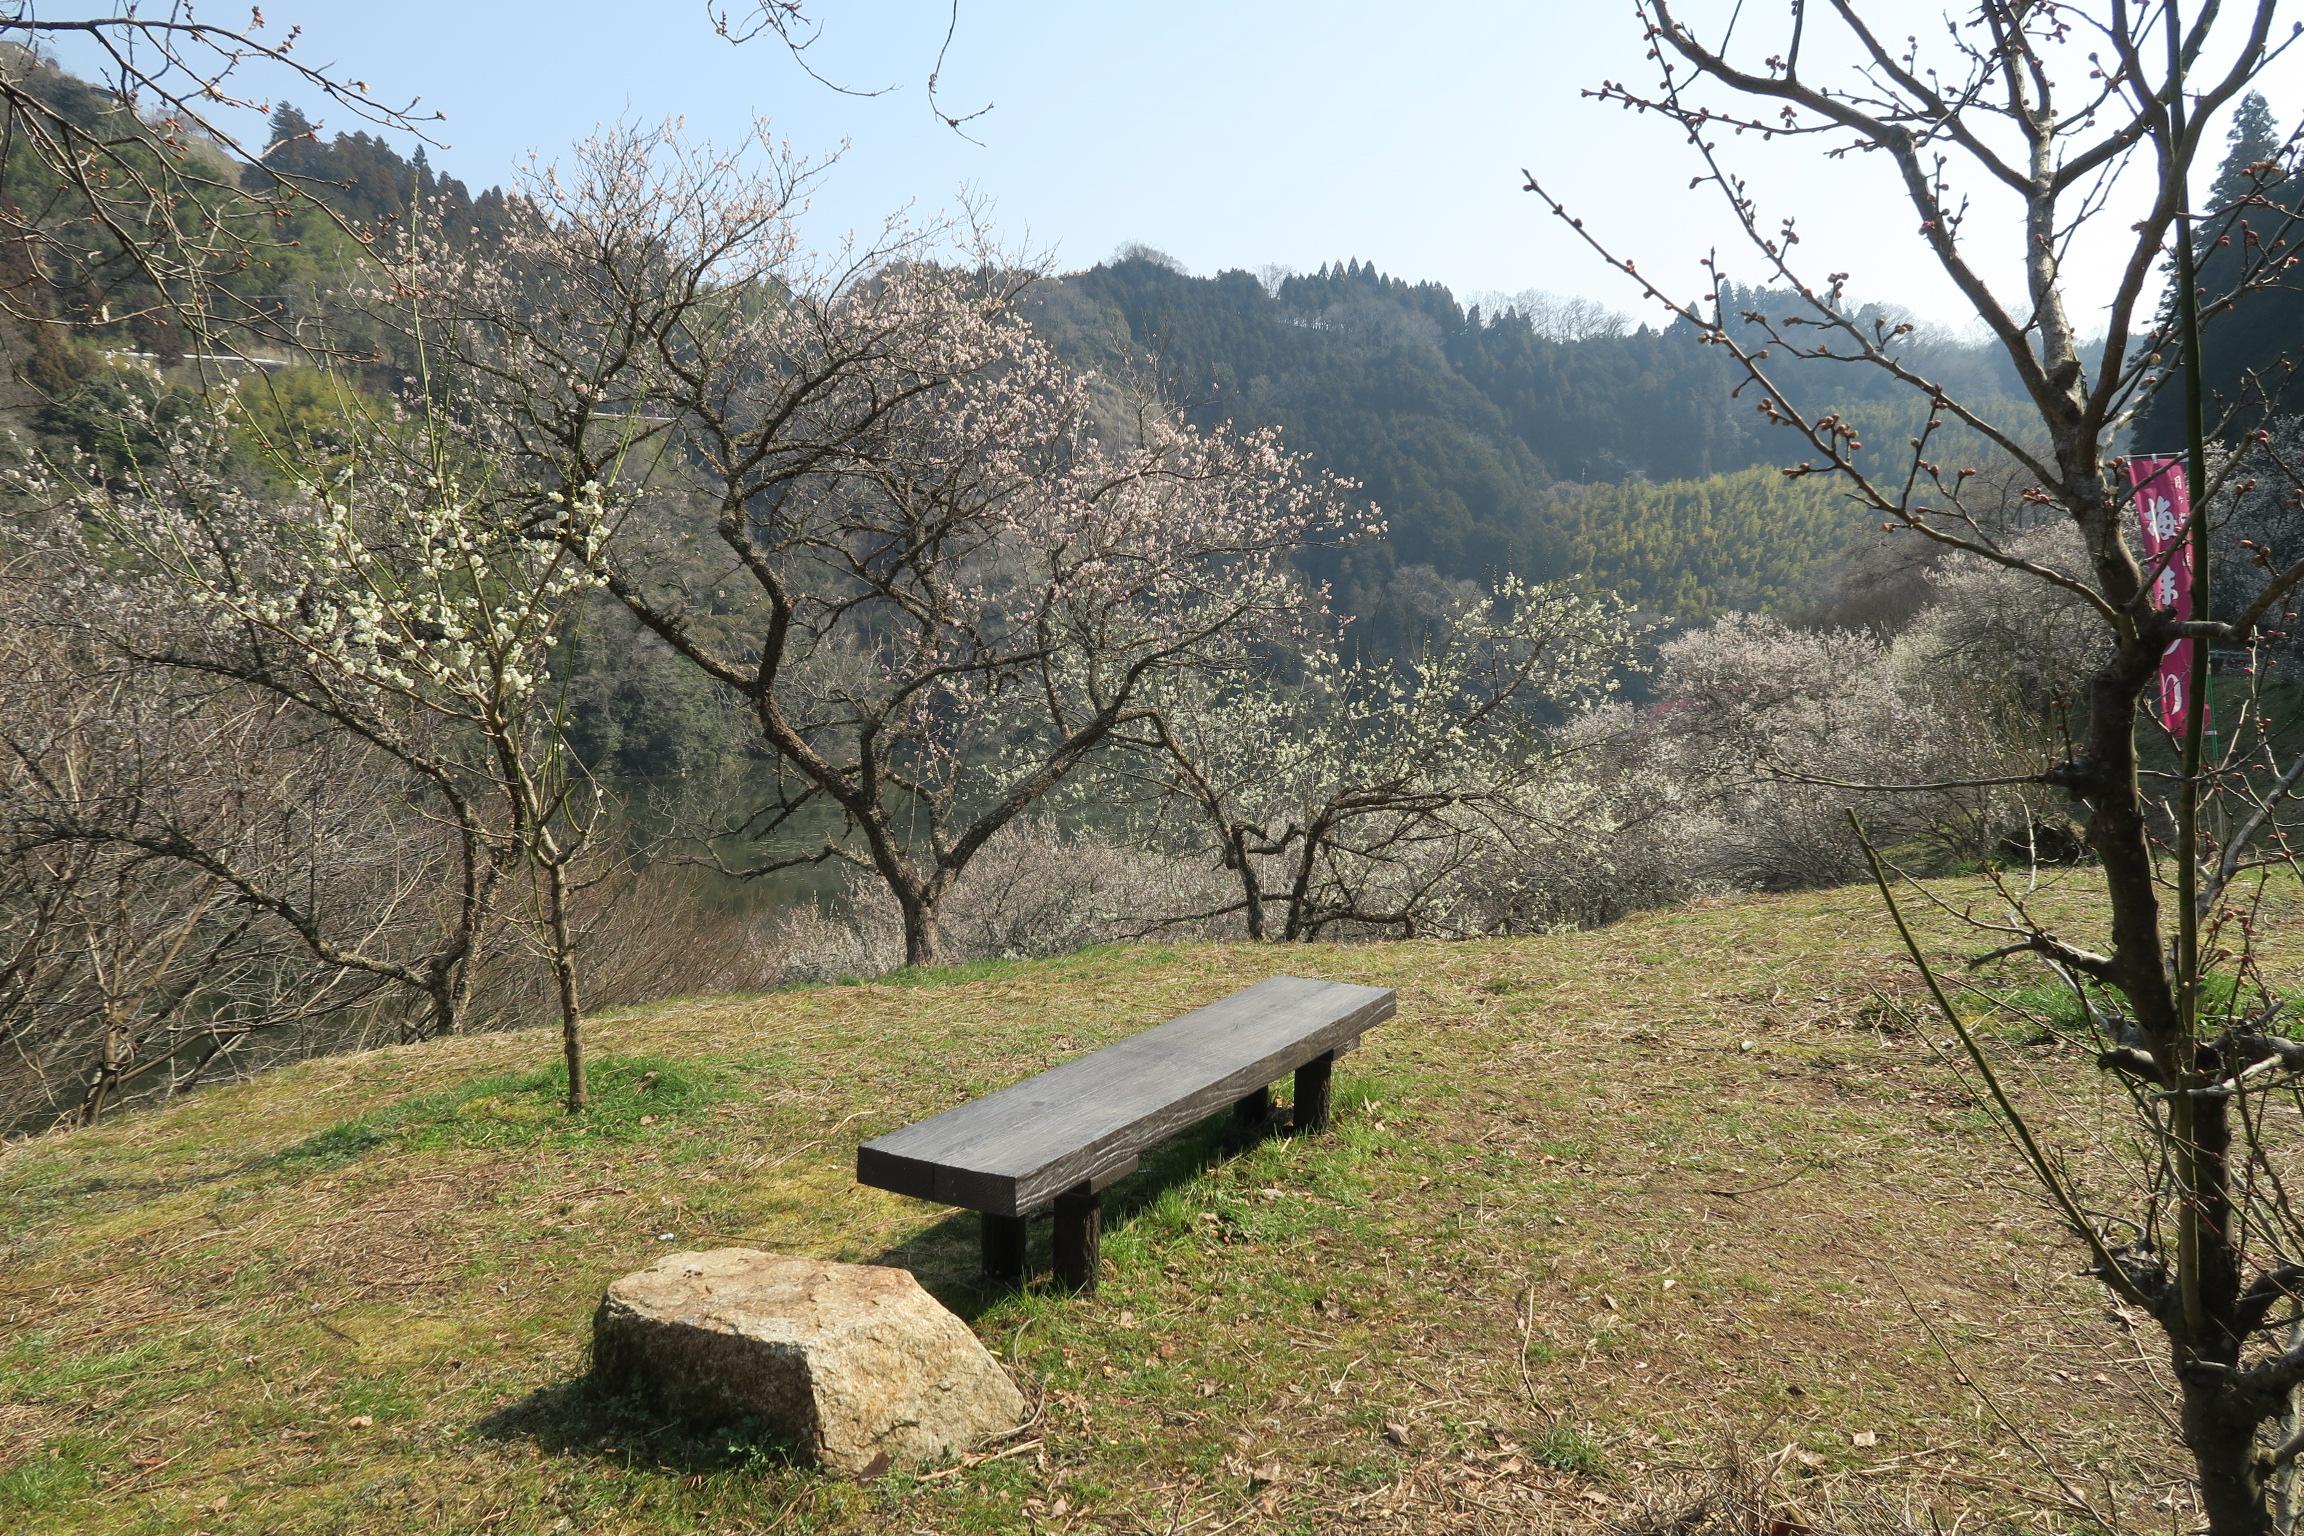 川沿いにはベンチも設置され、今日のように晴れている日はいいですね。